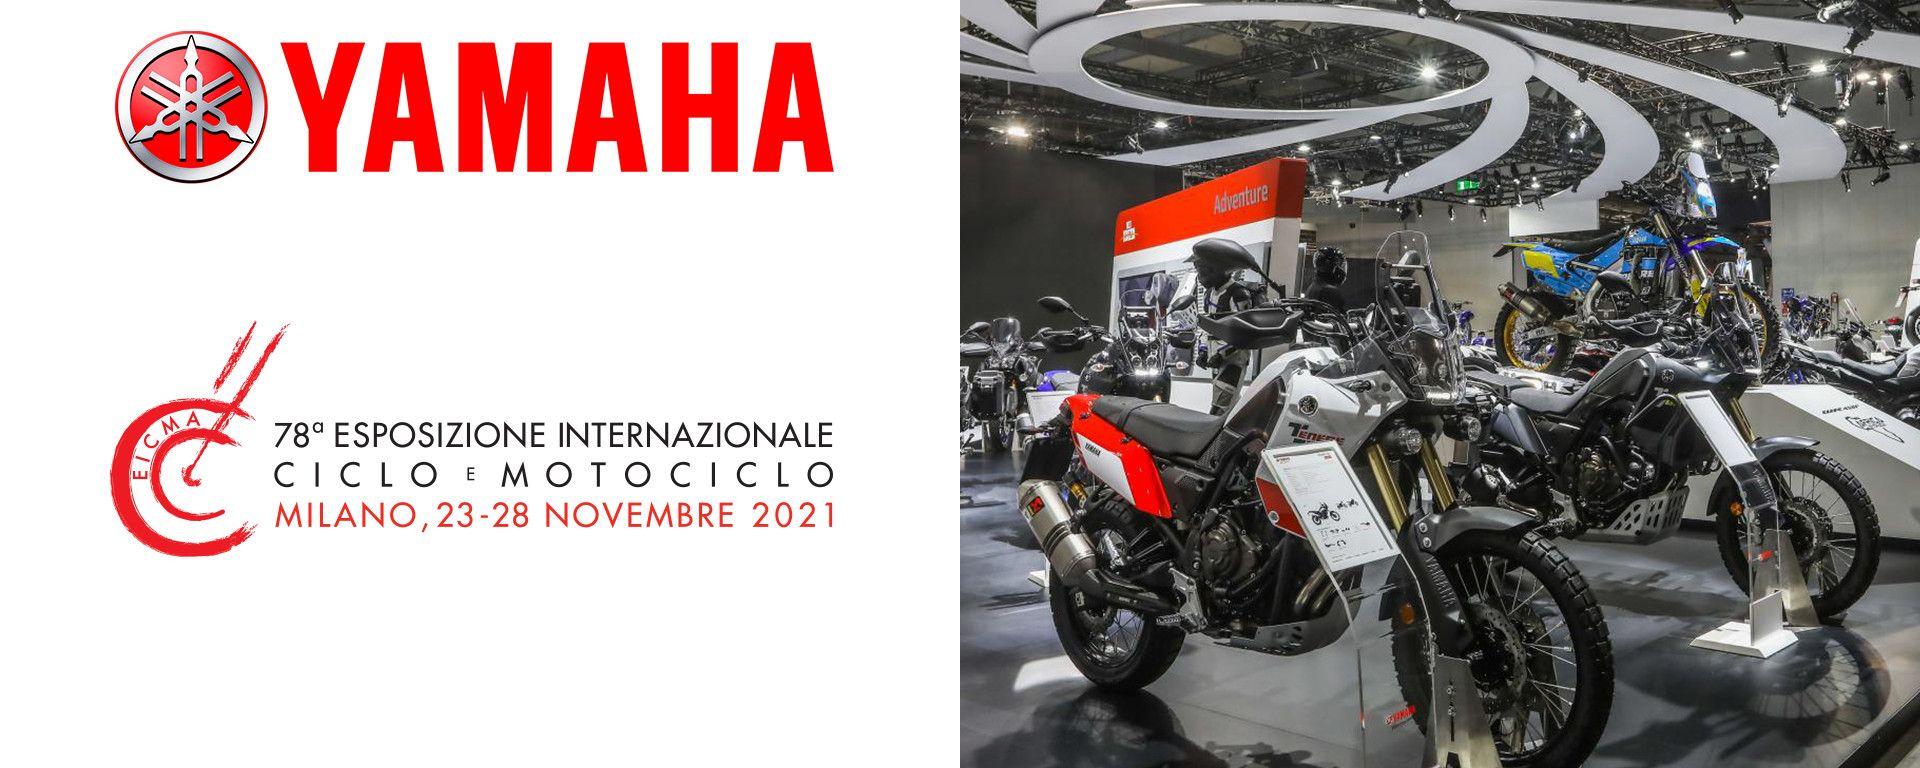 Eicma 2021: Yamaha ci sarà